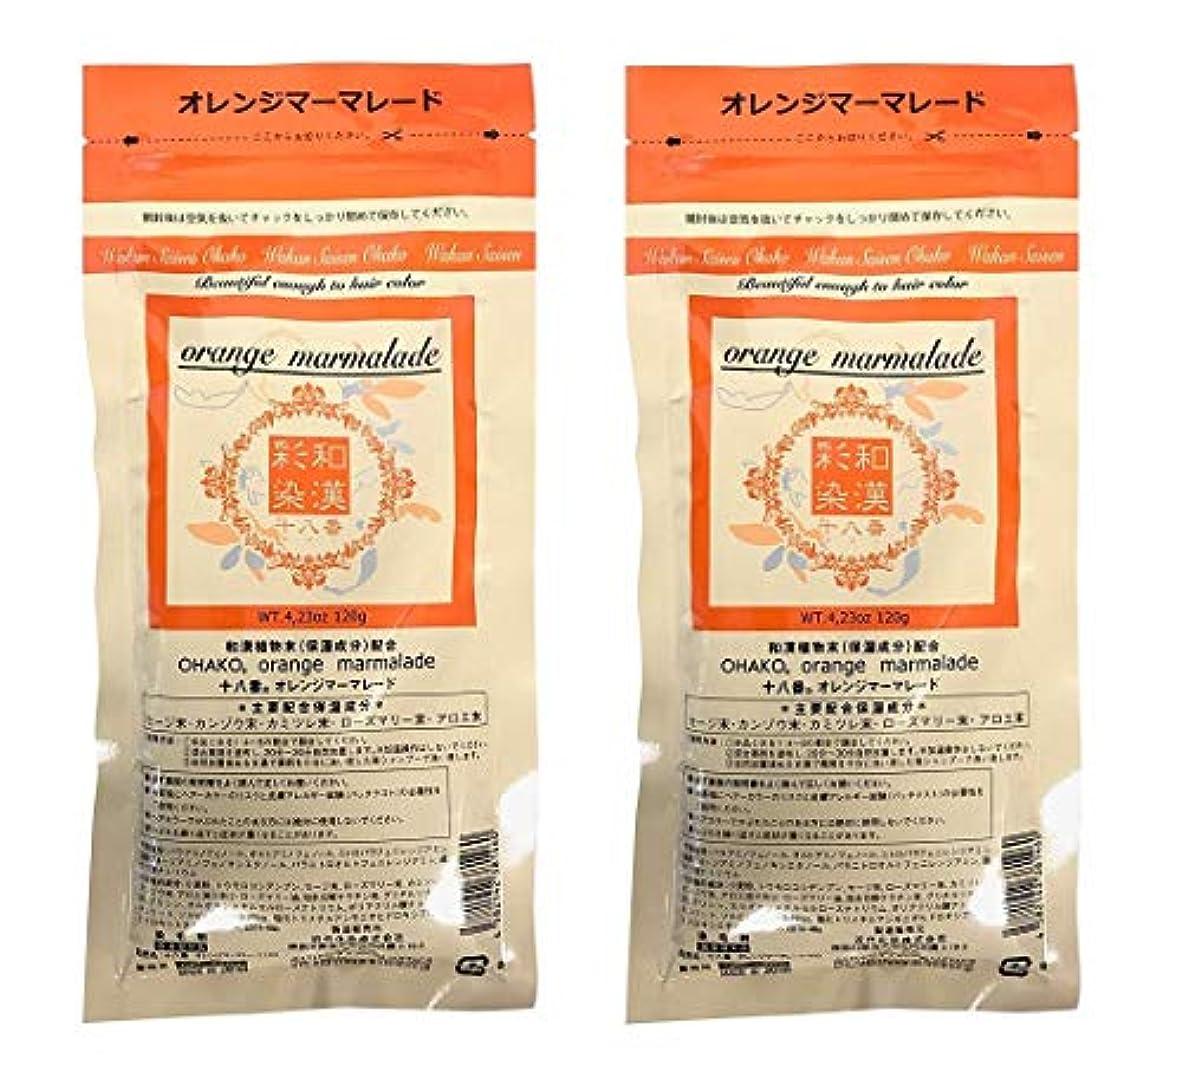 振動する品種創傷【2個セット】グランデックス 和漢彩染 十八番 120g オレンジママーレード